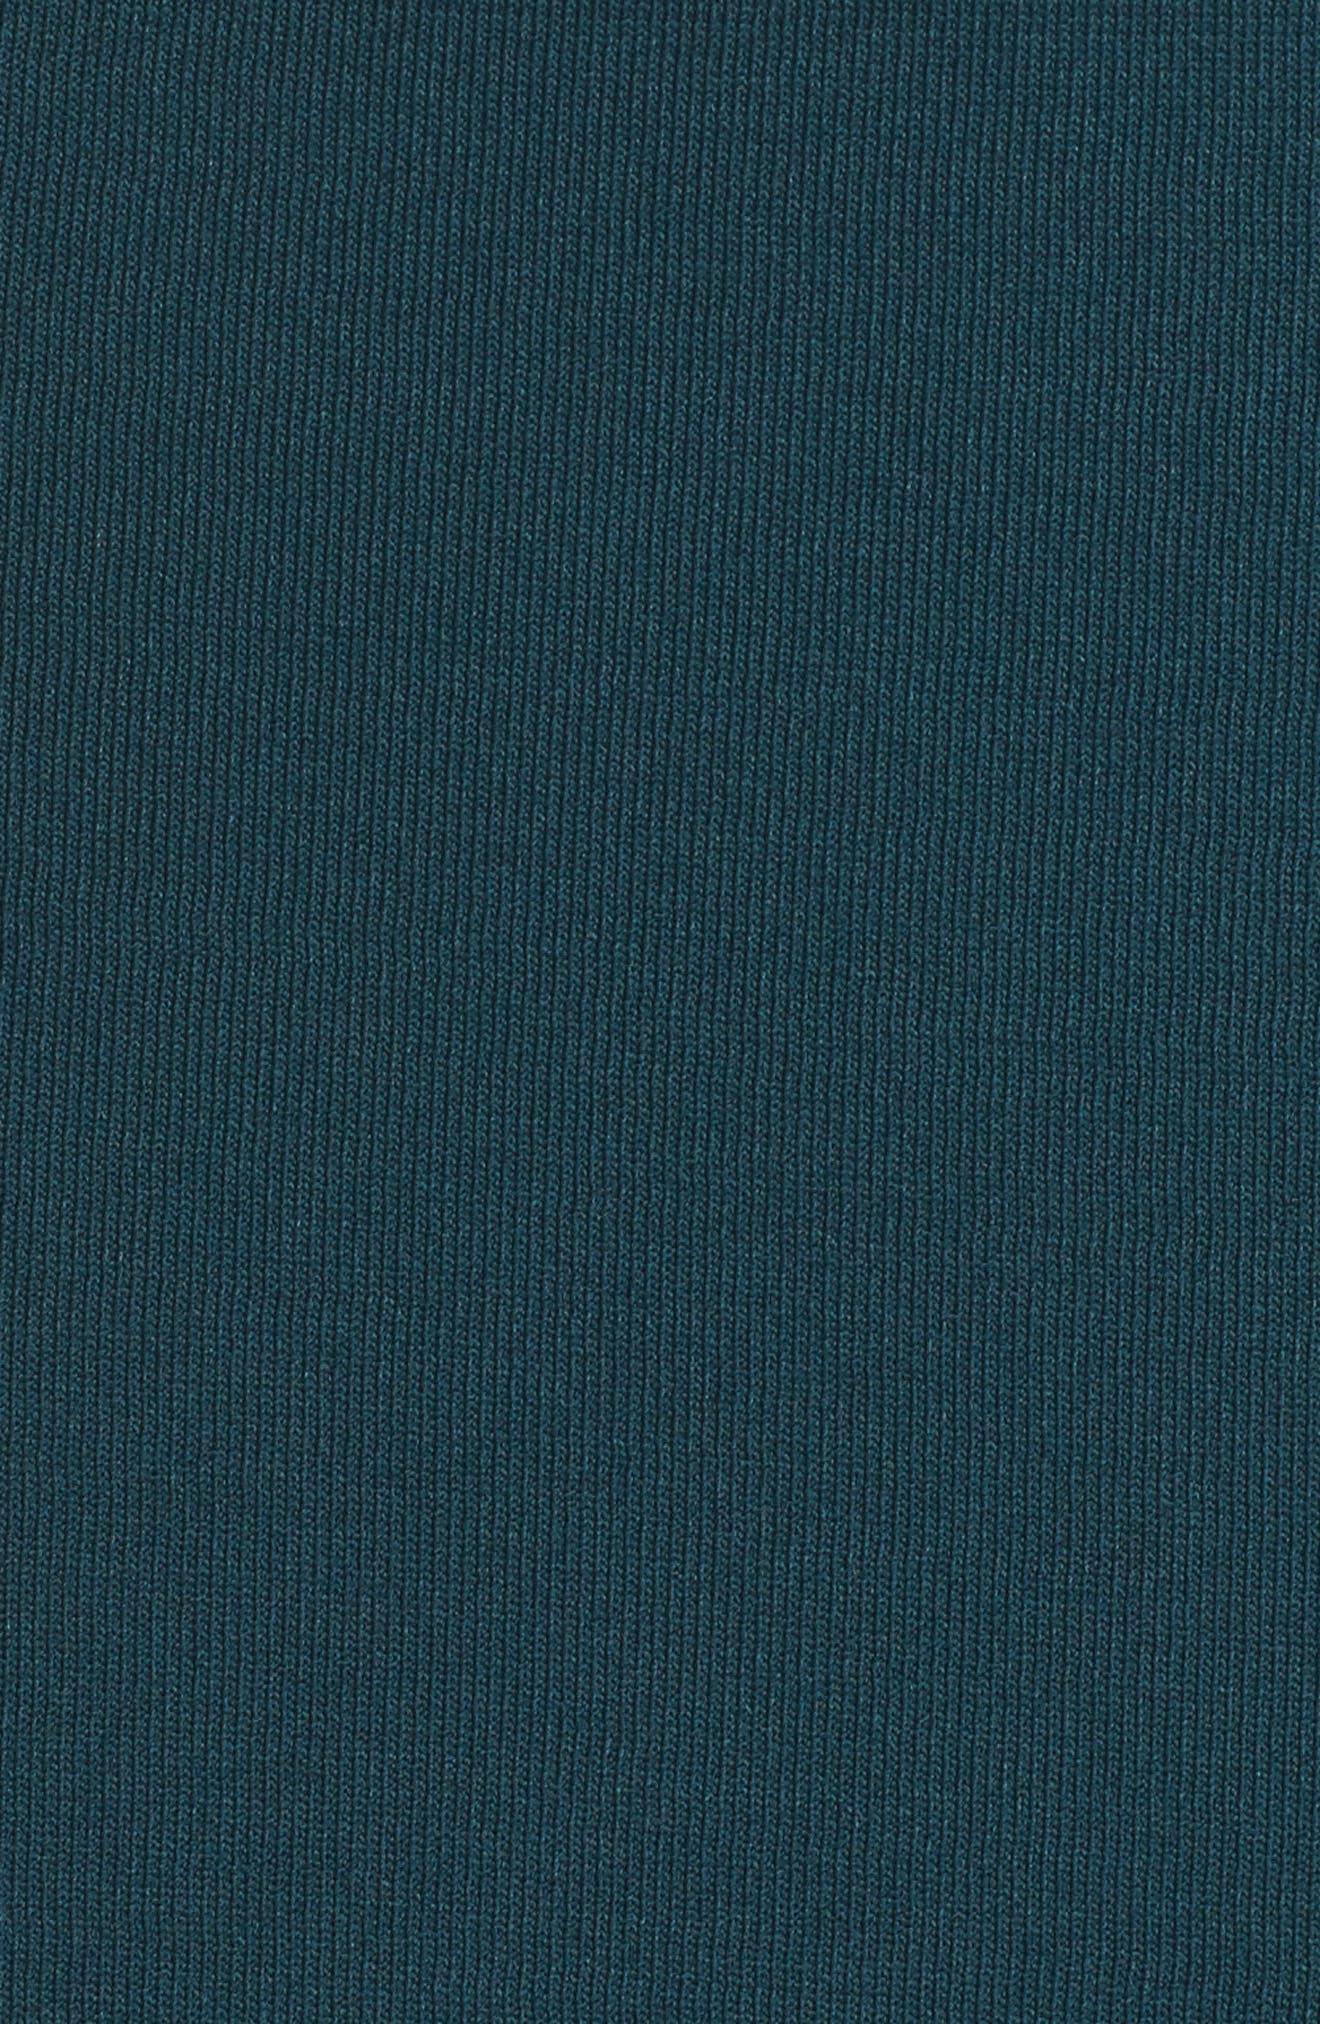 Cold Shoulder Turtleneck Dress,                             Alternate thumbnail 5, color,